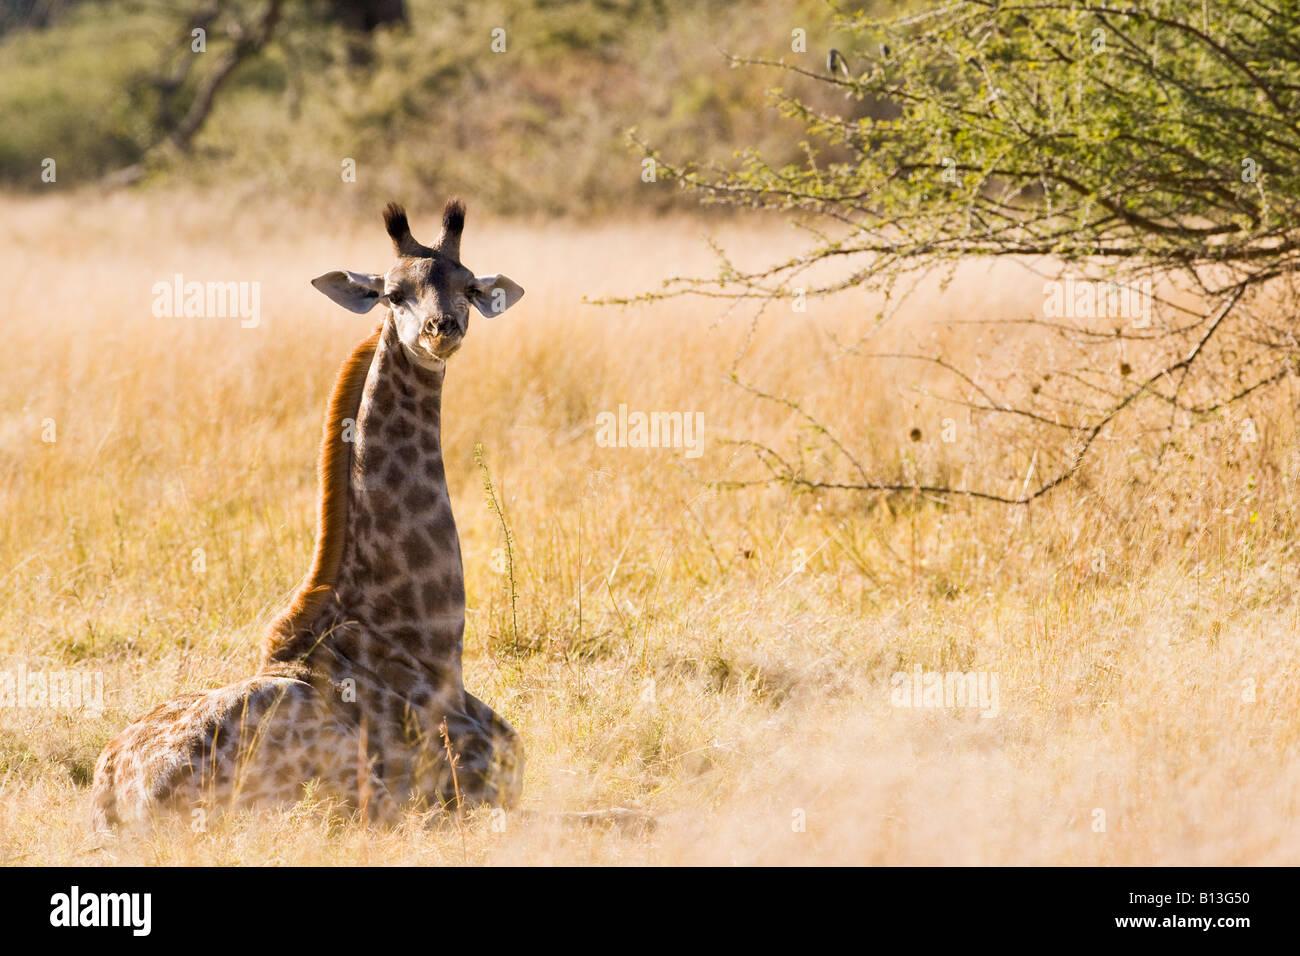 Retrato de bebé jirafa, Giraffidae, sentado en un campo de hierba solo busca personas inocentes y vulnerables en la reserva de animales Moremi Okavango Delta Africa Foto de stock